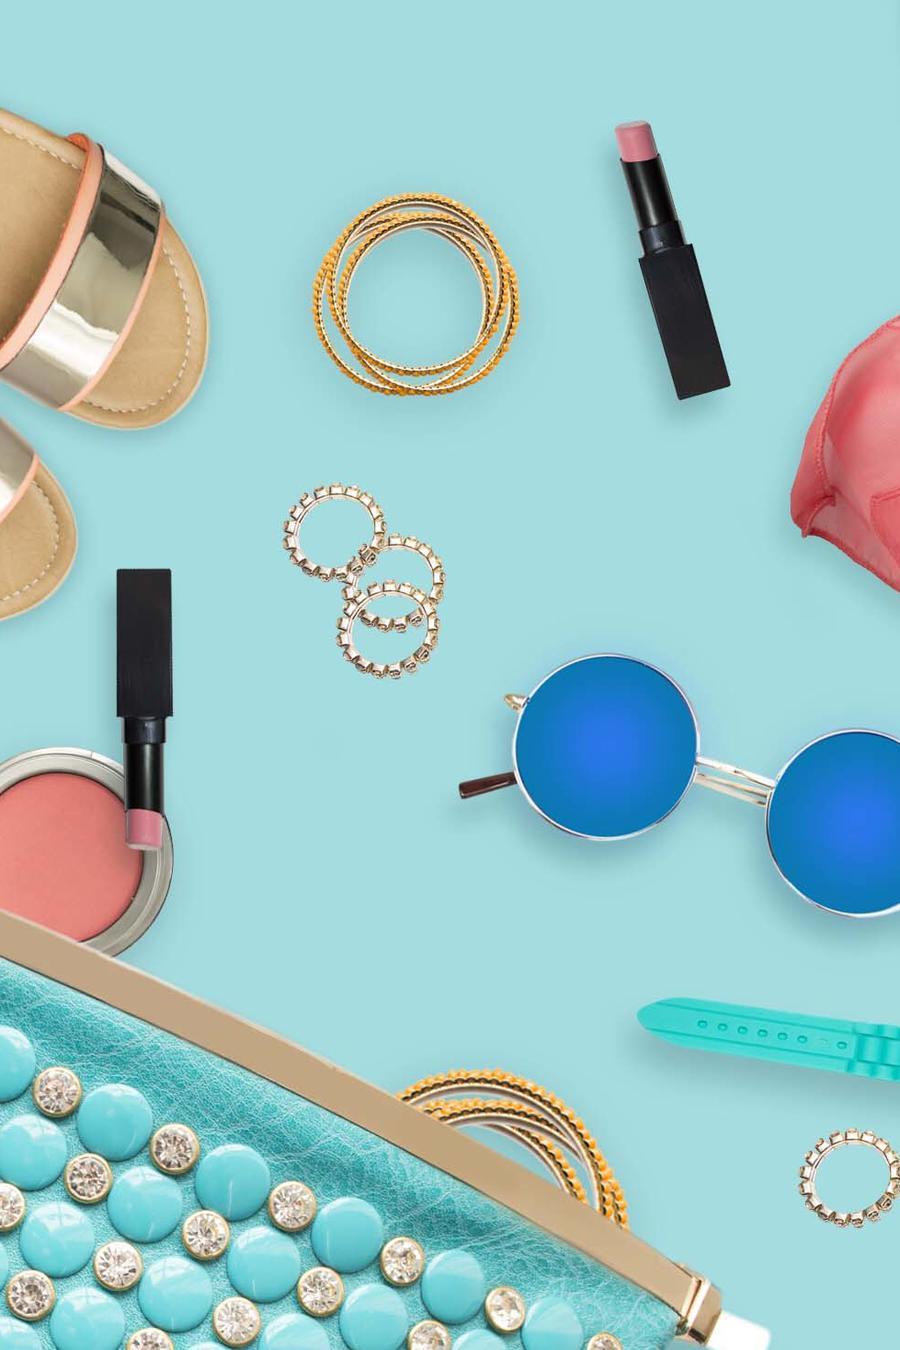 Accesorios y maquillaje de verano